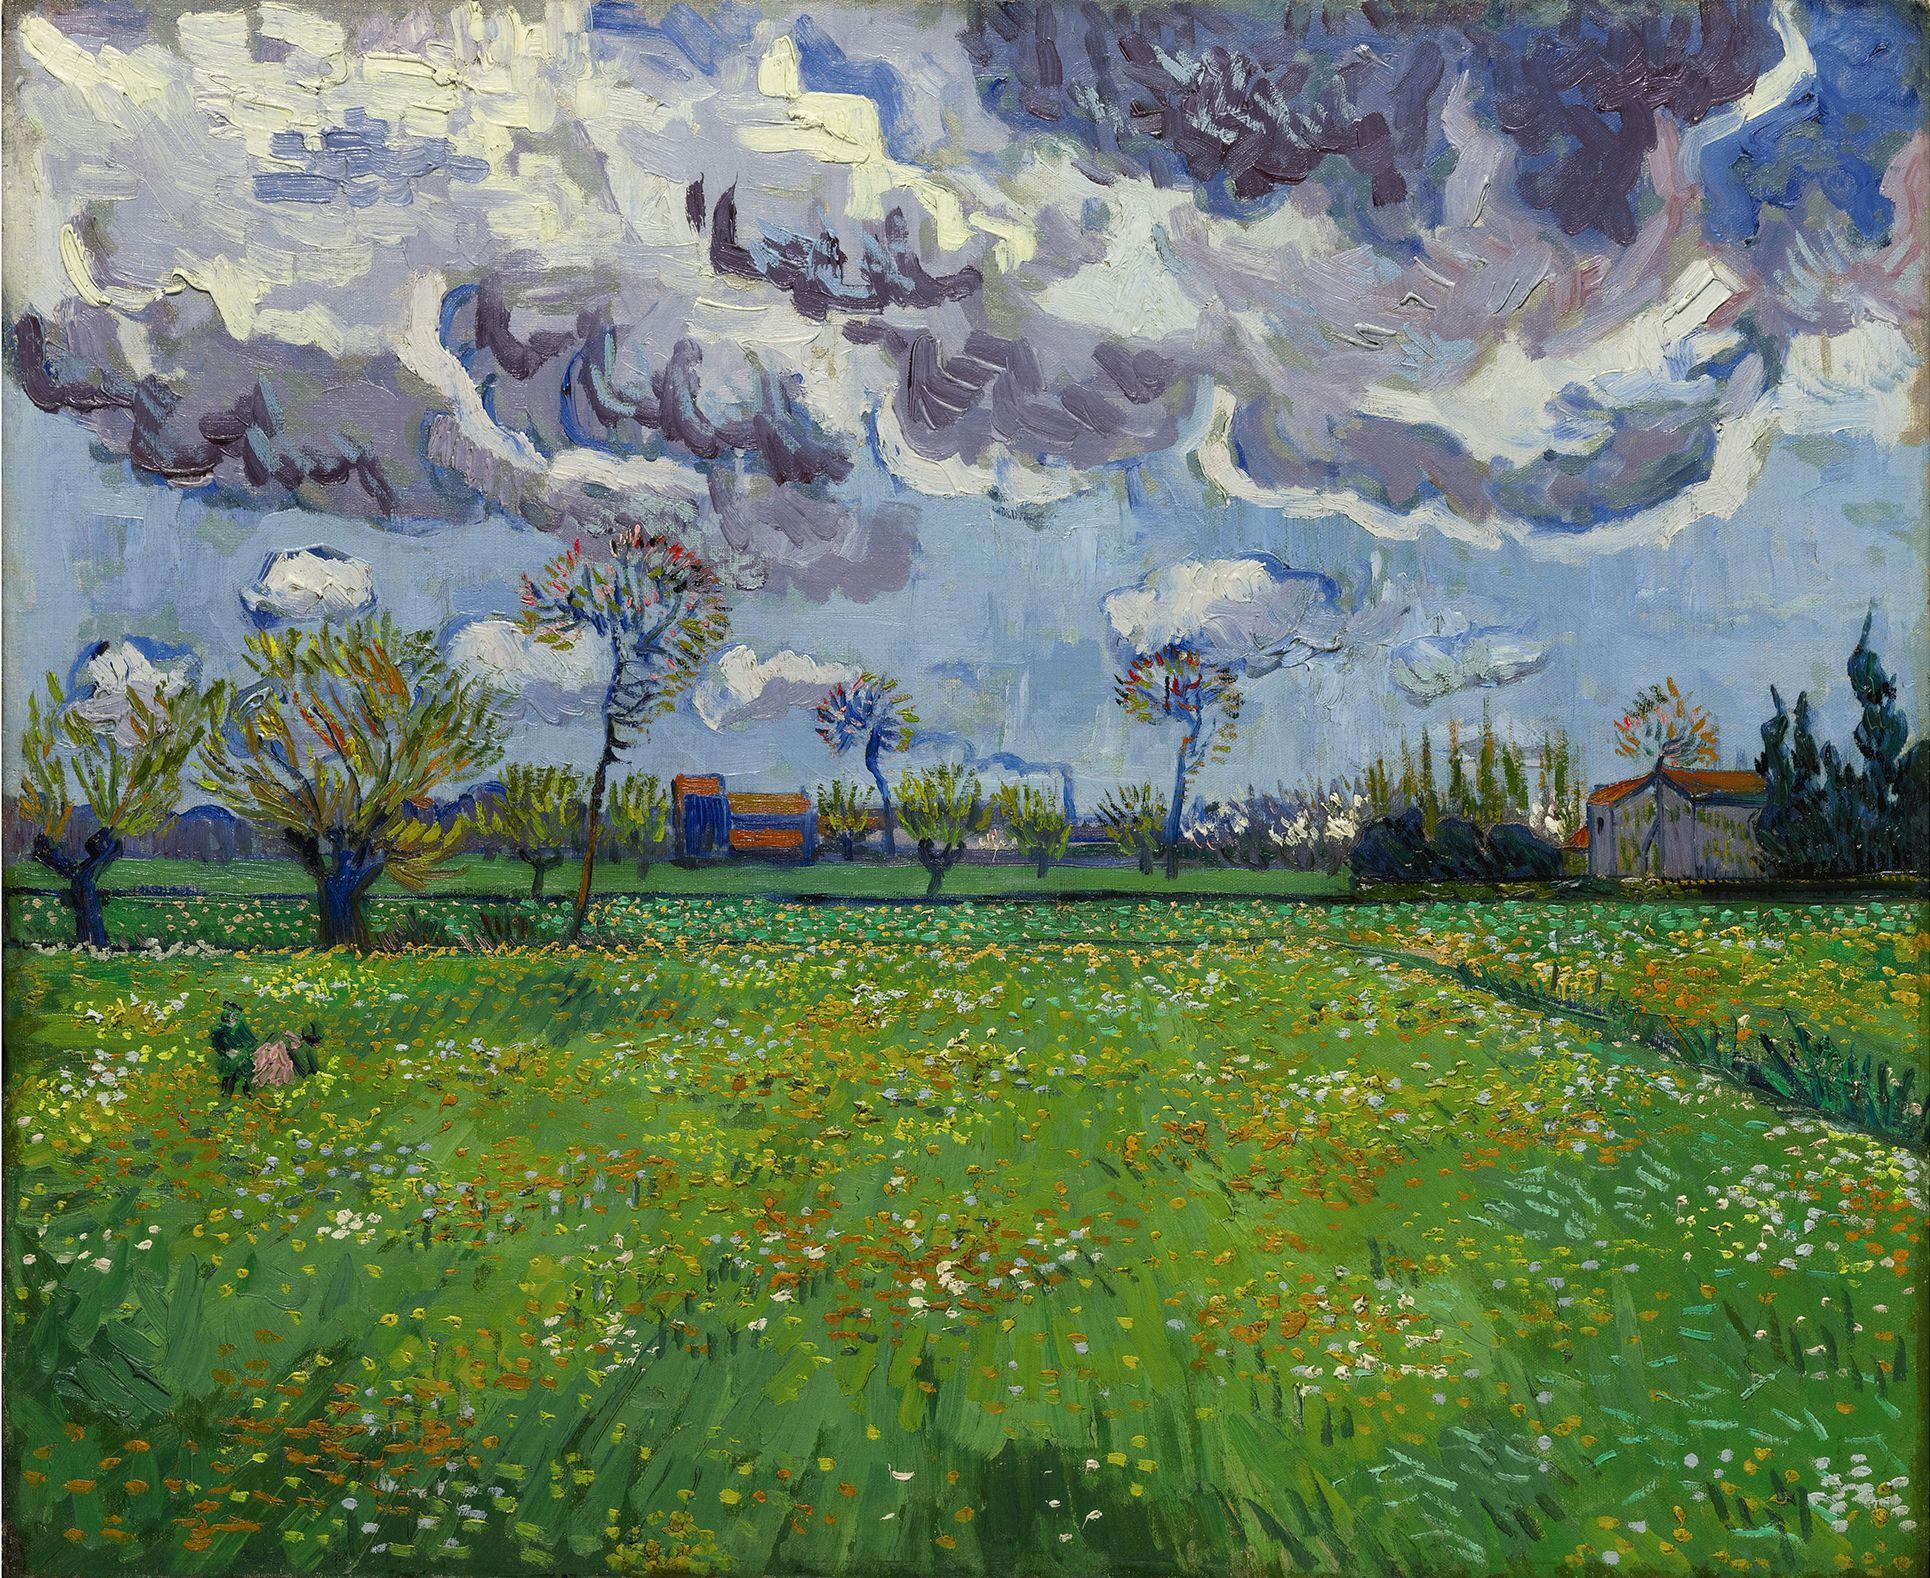 """文森特威廉梵高(Vincent Willem van Gogh,或译为梵高、""""梵谷"""",1853-1890),荷兰后印象派画家。出生于新教牧师家庭,是后印象主义的先驱,并深深地影响了二十世纪艺术,尤其是野兽派与表现主义。梵高早期受荷兰画家马蒂斯玛丽斯的影响以灰暗色系进行创作,直到他搬往巴黎与作为画商的弟弟同住,接触了当时震动了整个巴黎美术界的画家们,画风渐渐被印象派的画家影响,后来经过长期的野外写生,色调渐渐由灰暗色系变为明亮色系。1890年7月,梵高在麦田里中开枪自杀(亦有说他杀或误杀),年"""